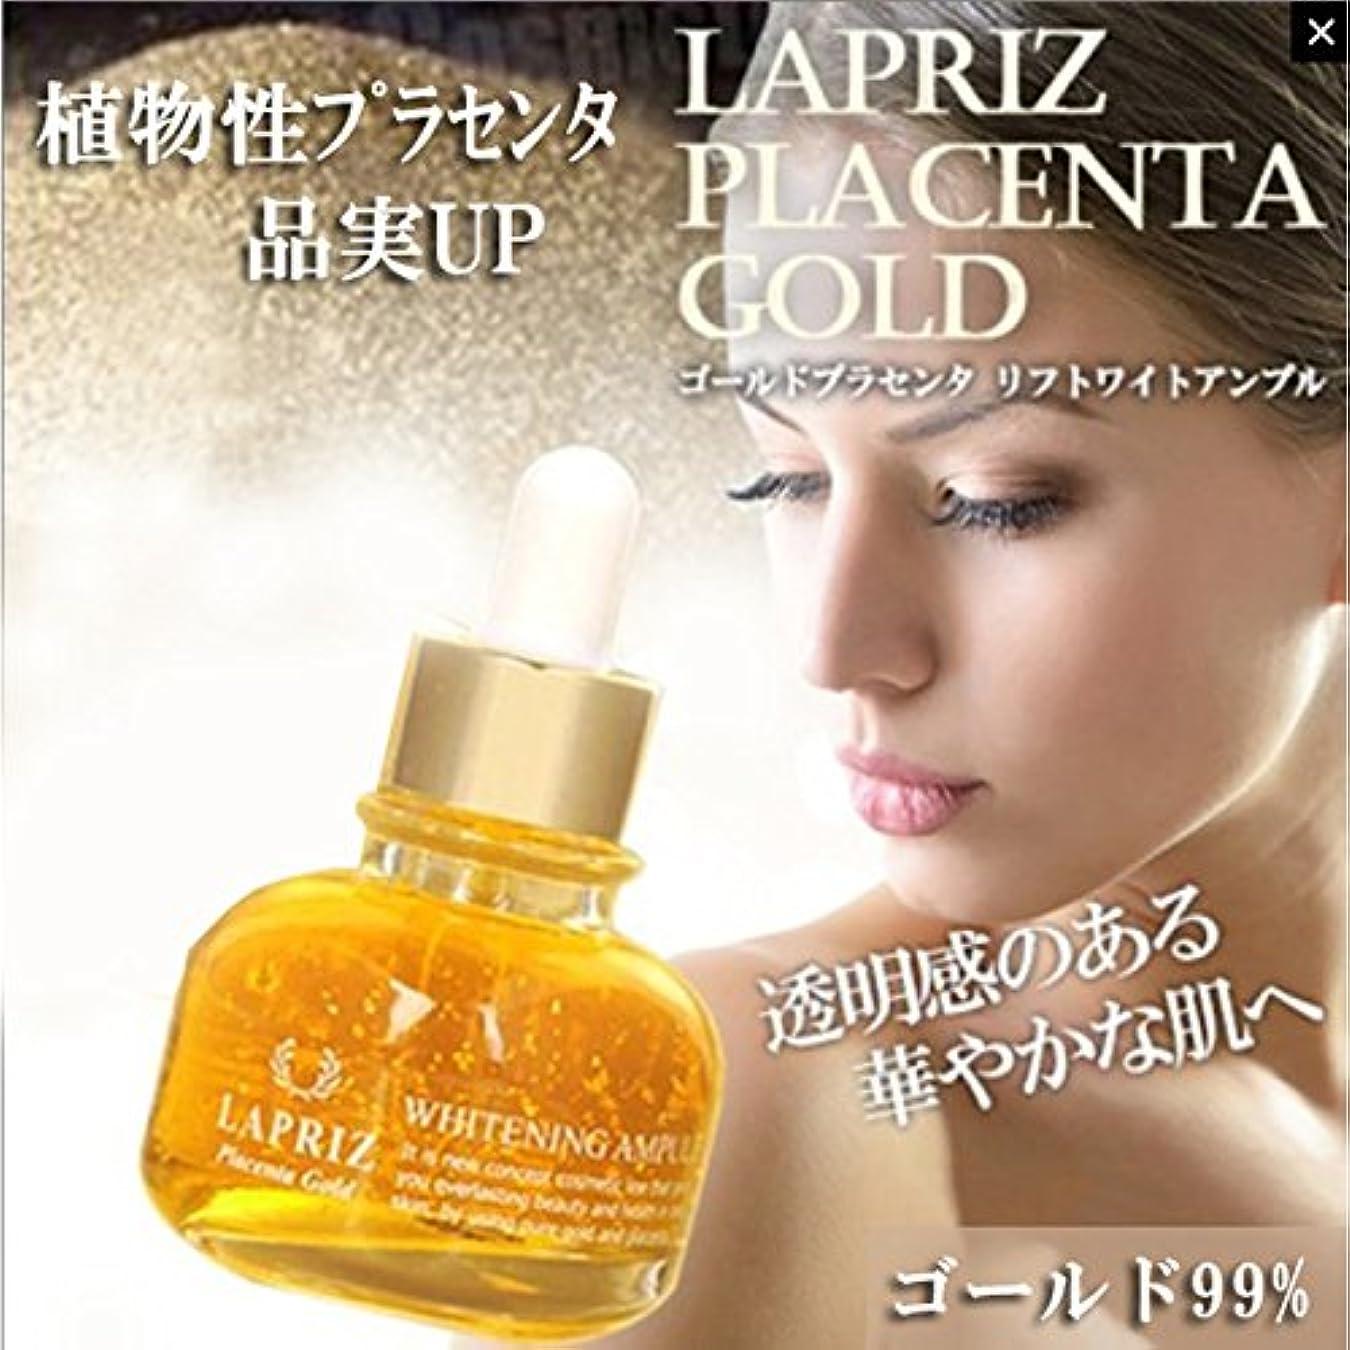 欲しいです決定オッズ【LAPRIZ/ラプリズ】プラセンタゴルードホワイトニングアンプル99.9% ゴールド